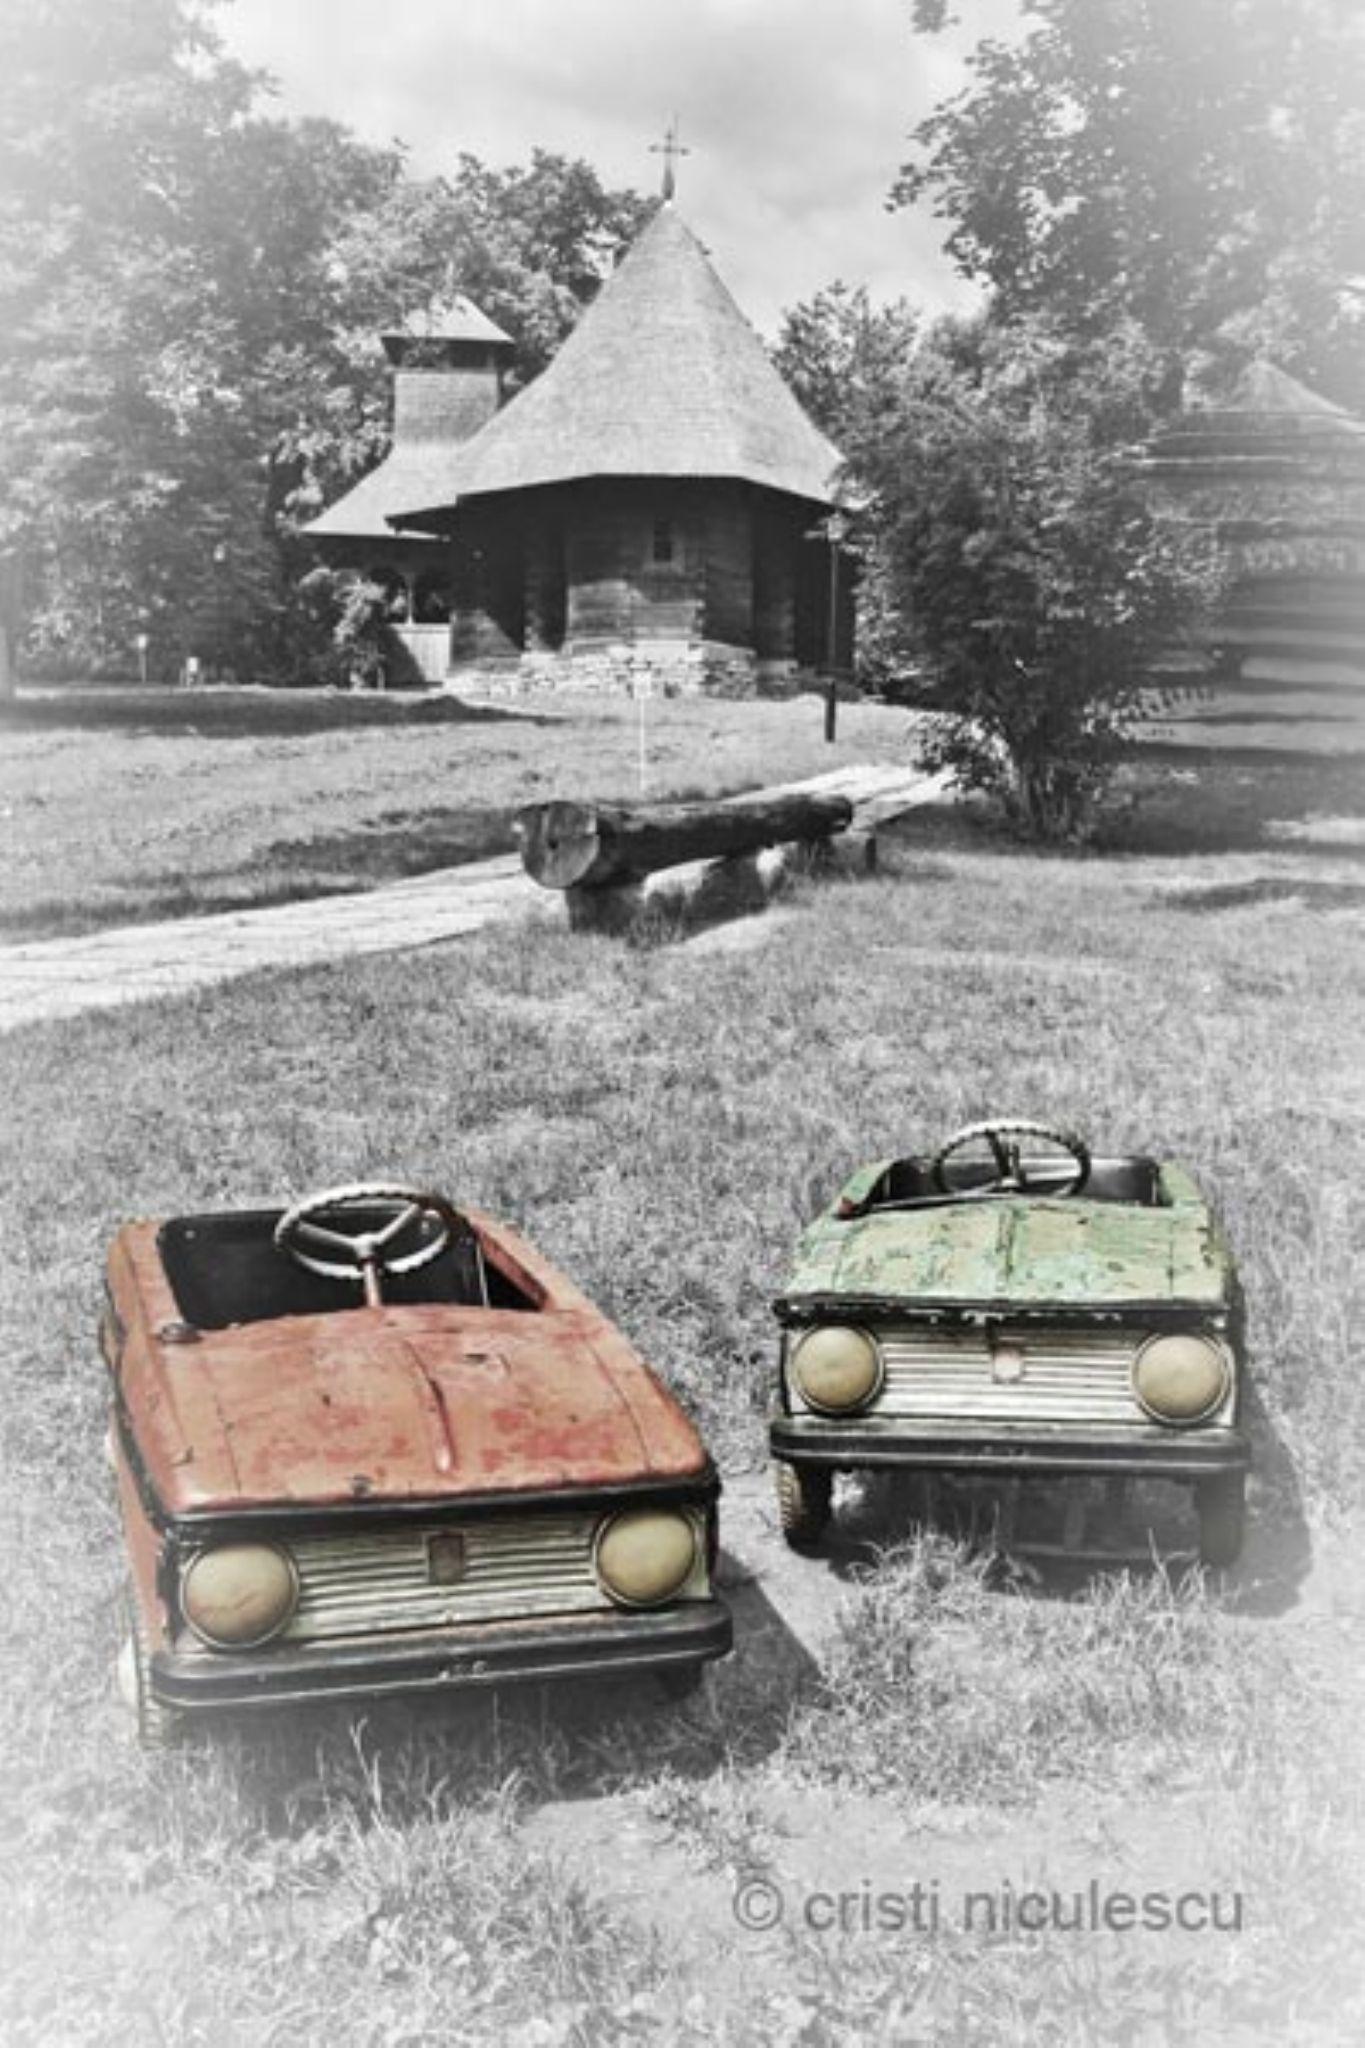 Cars by Cristi Niculescu